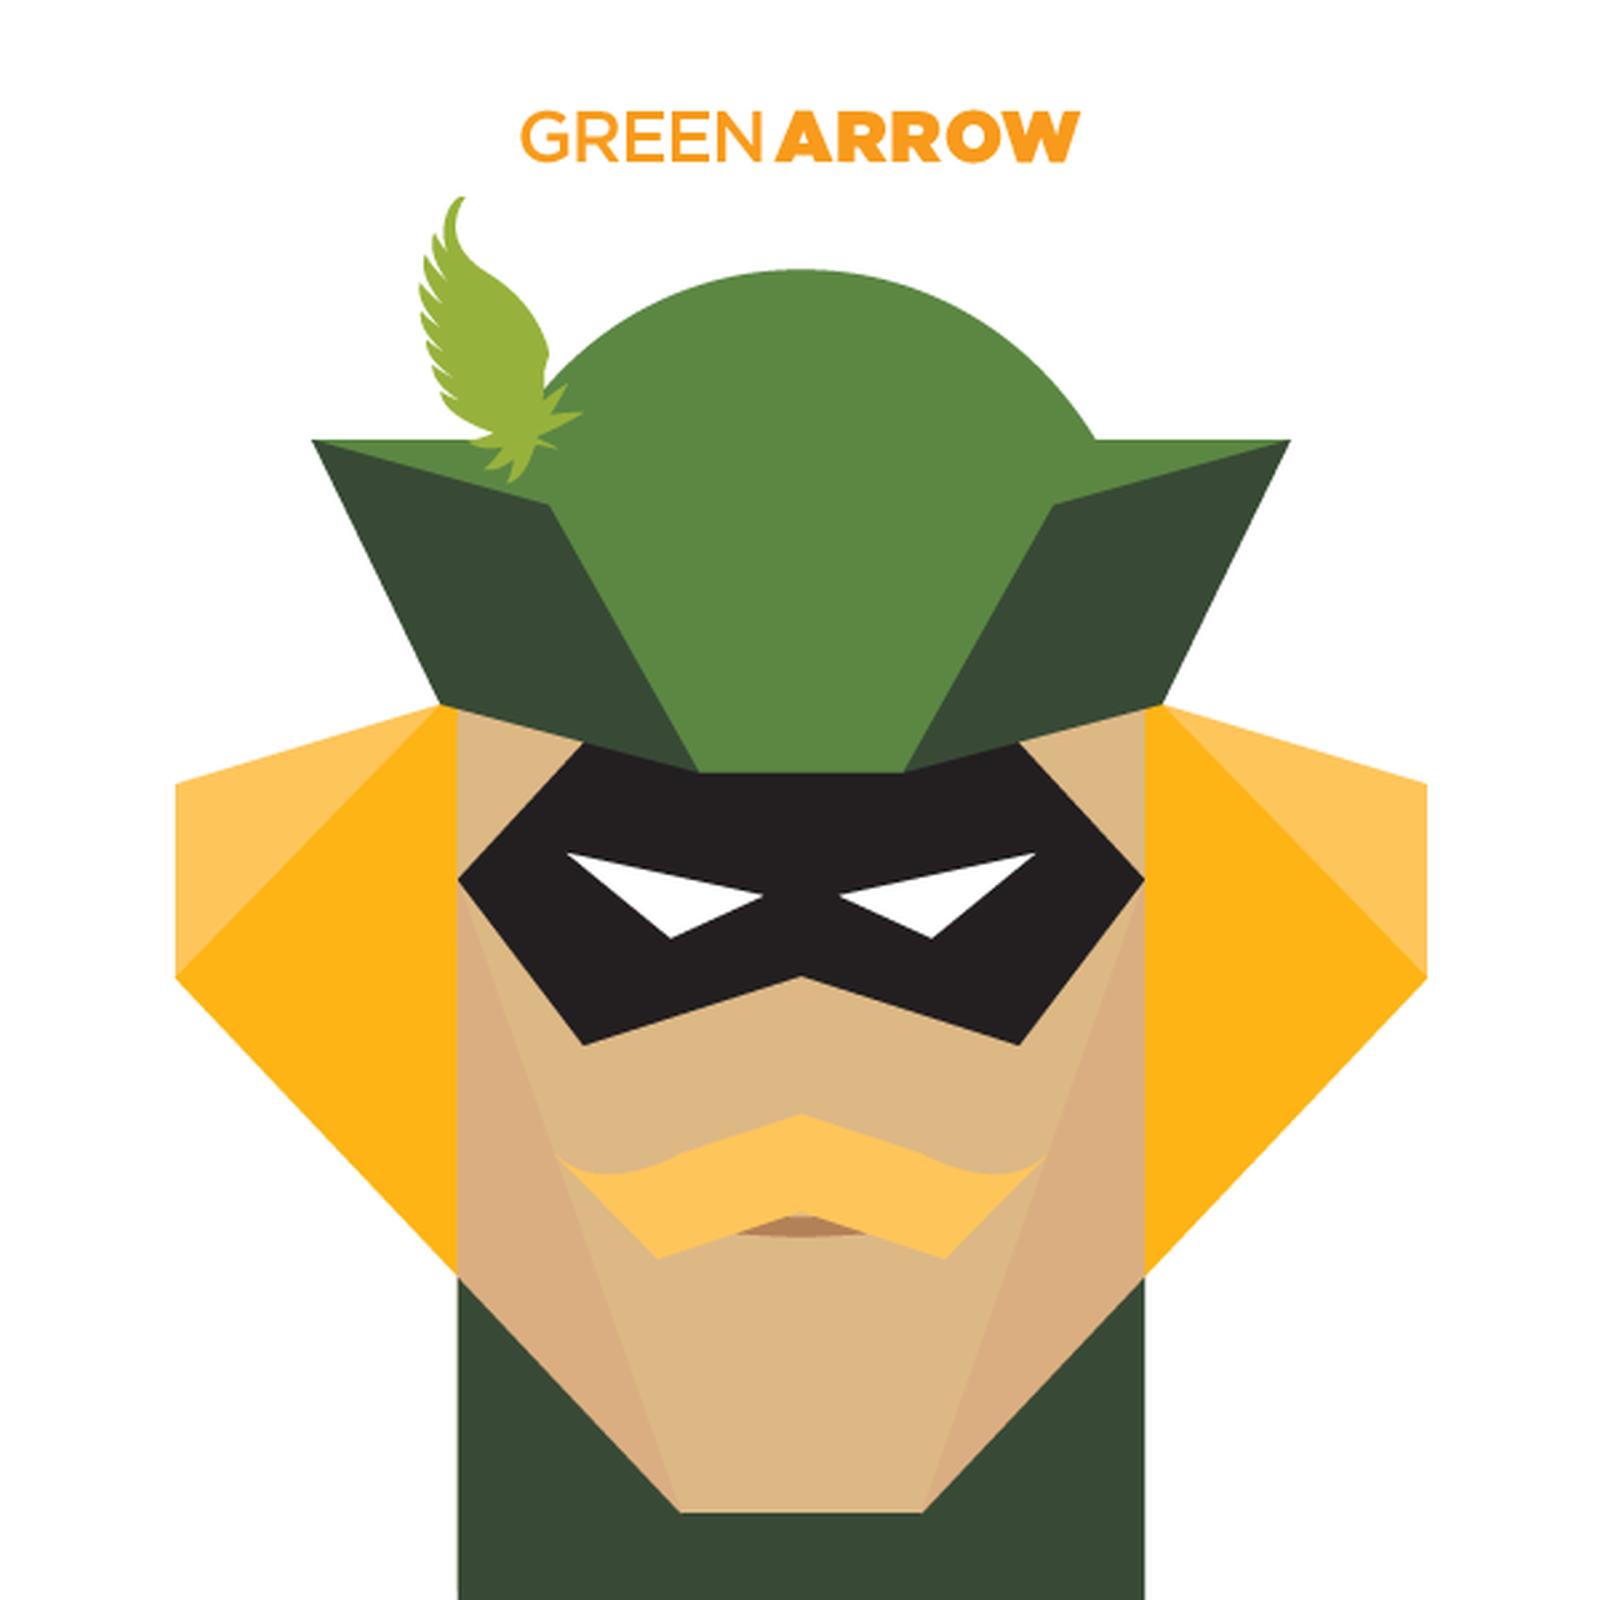 GAMBAR KARTUN VEKTOR GREEN ARROW Gambar Kartun Lucu Dan